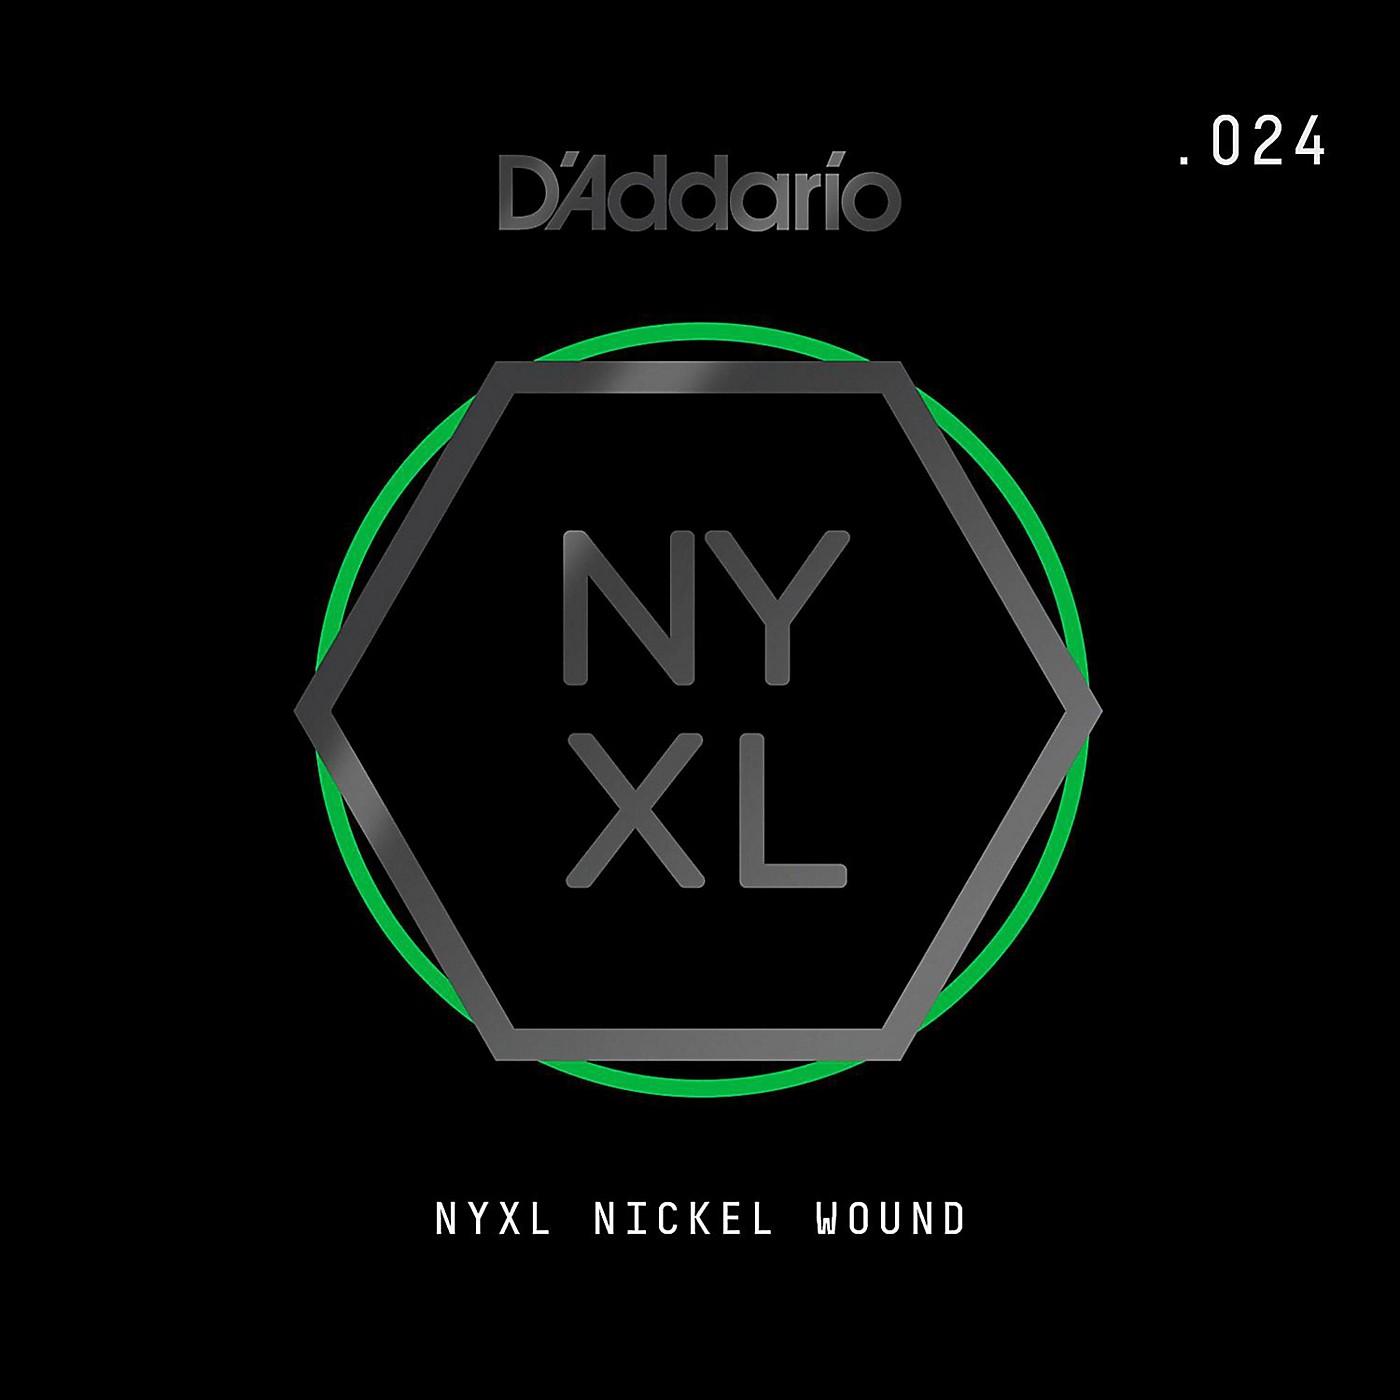 D'Addario NYNW024 NYXL Nickel Wound Electric Guitar Single String, .024 thumbnail